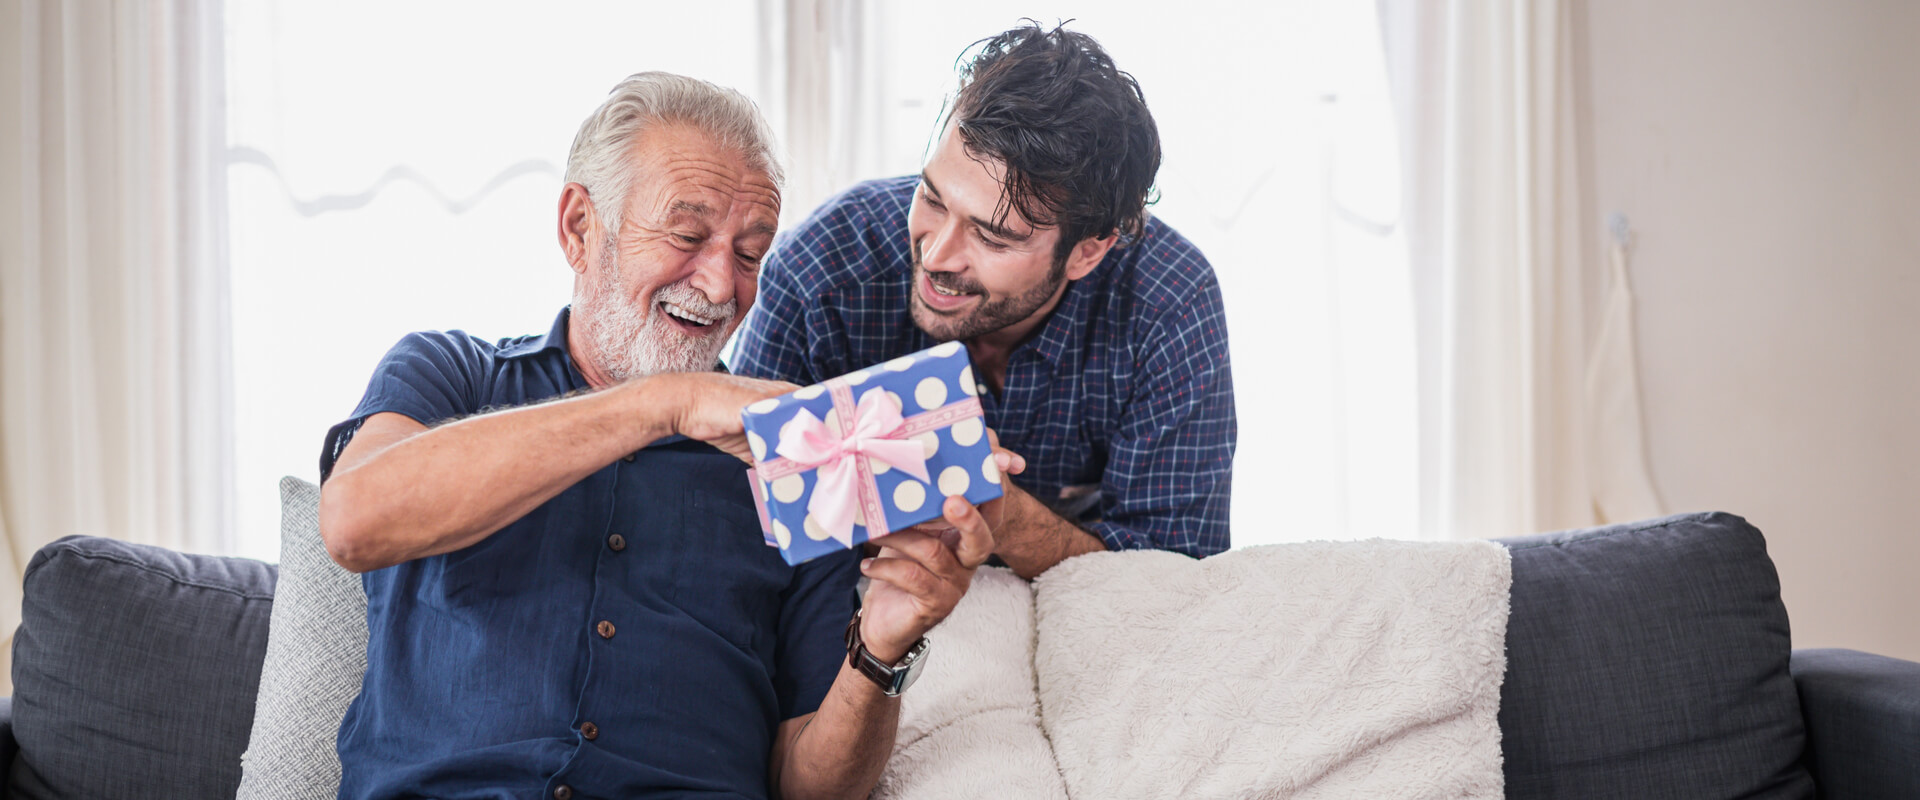 Papá abriendo regalo con su hijo